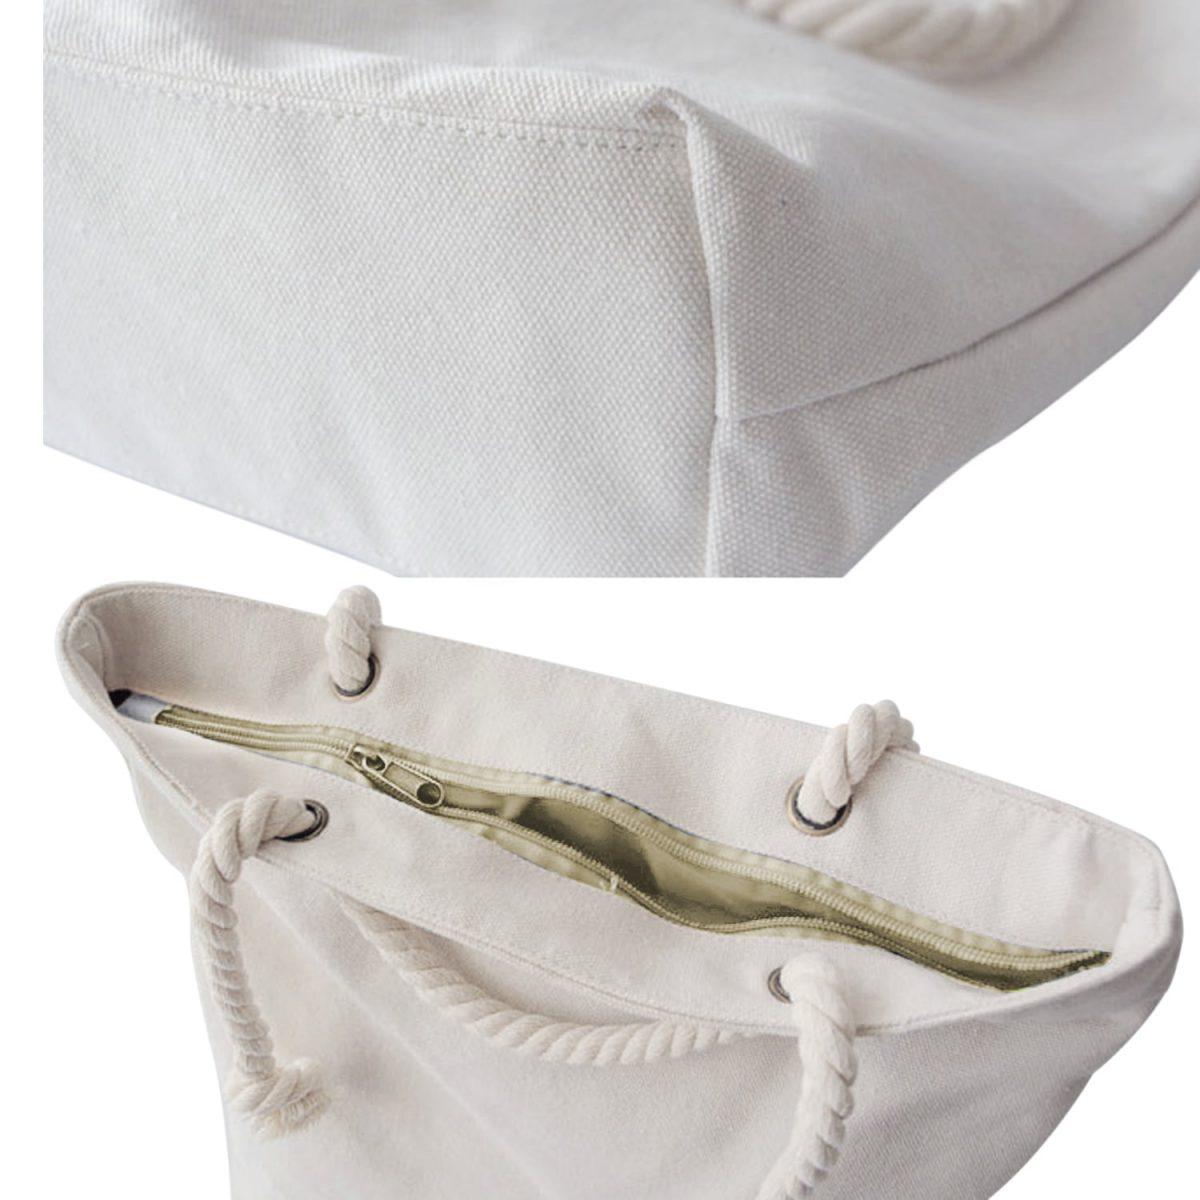 Beyaz Kar Taneleri Motifli Dijital Baskılı Fermuarlı Modern Kumaş Çanta Realhomes